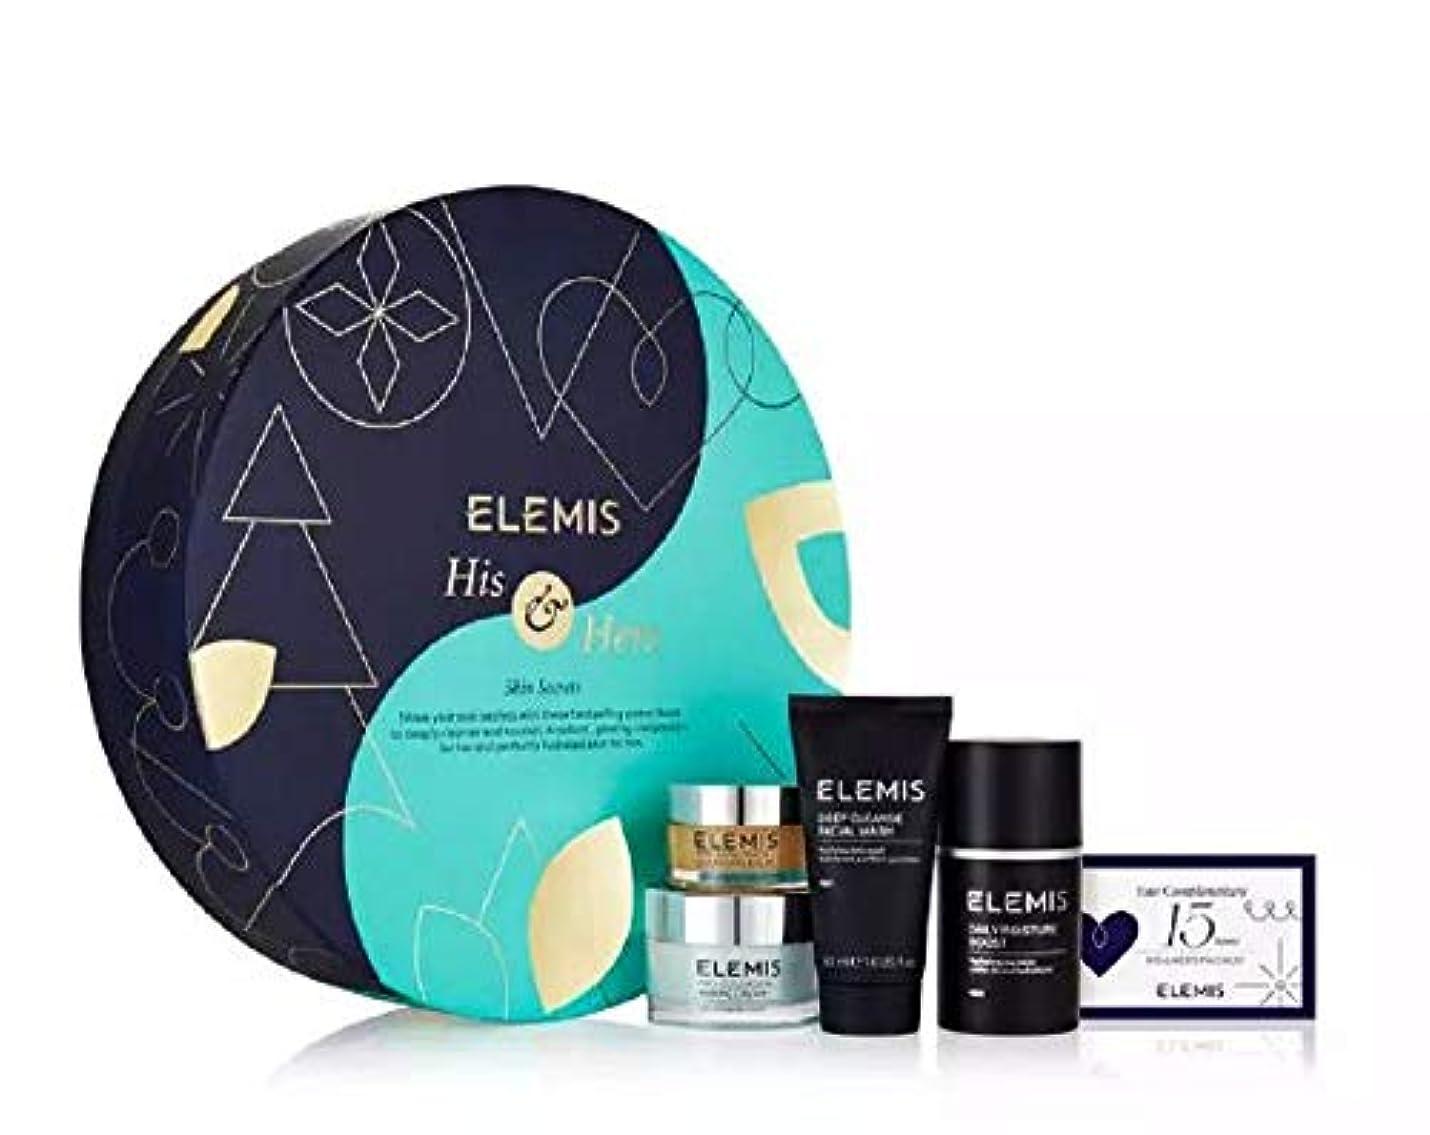 難破船ハーフ翻訳者Exclusive New ELEMIS - His and Hers Skincare Gift Set